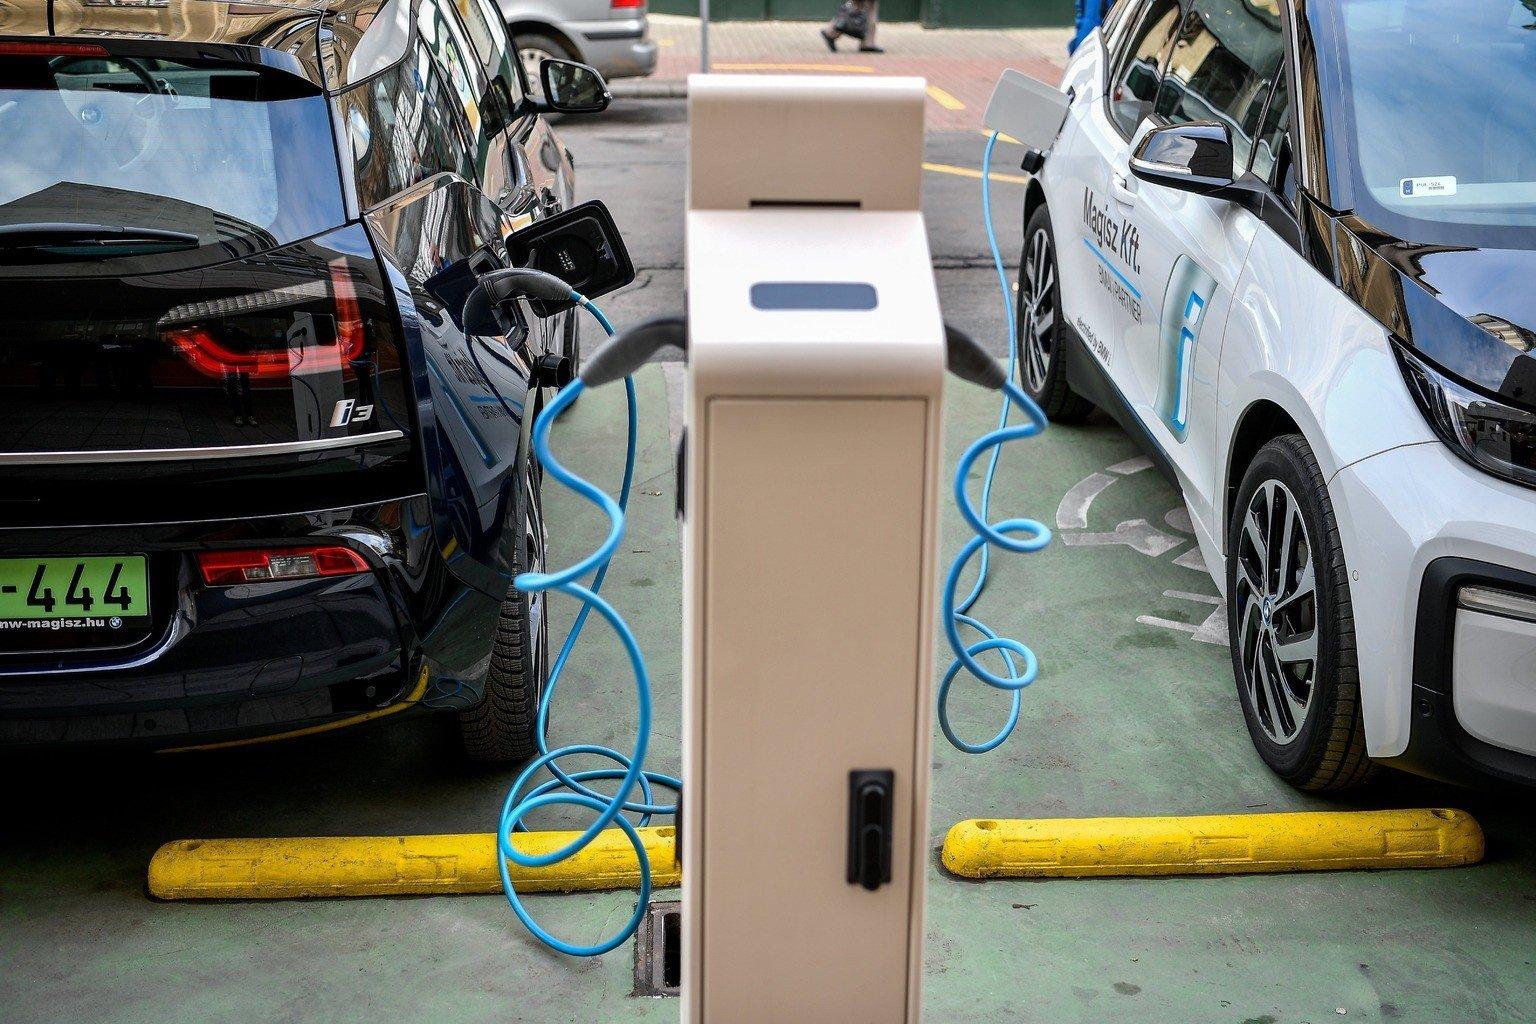 Az elektromos autókkal pénzt spórolhatunk, de a környezetet is védjük?